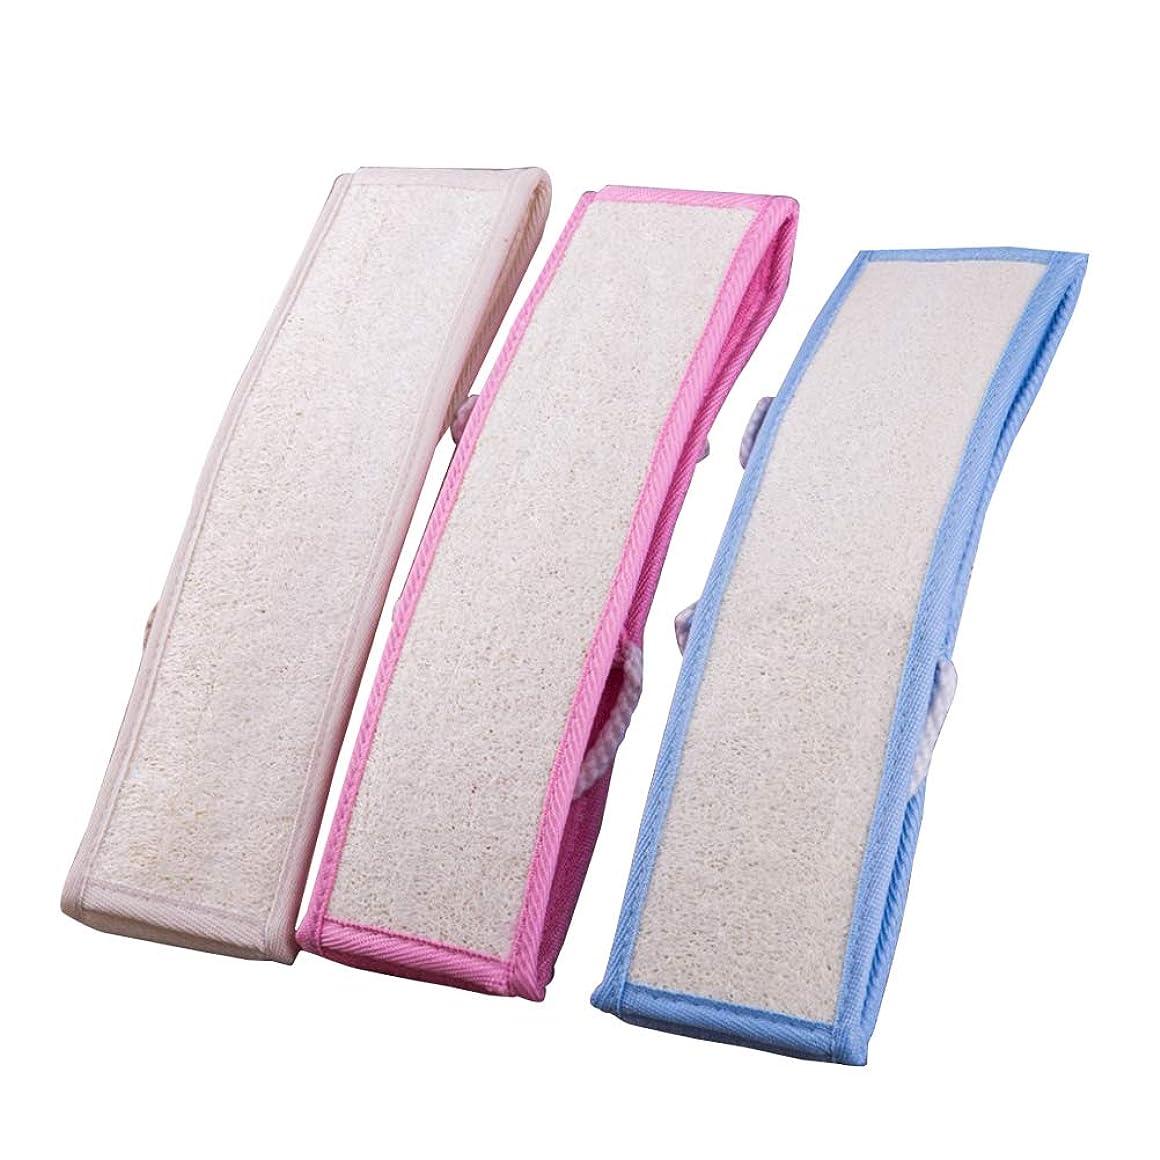 または昨日クーポンHealifty 3本のLoofahバックストラップ剥離バックスクラバーロングシャワーバスLoofah(青、ピンク、白各1個)